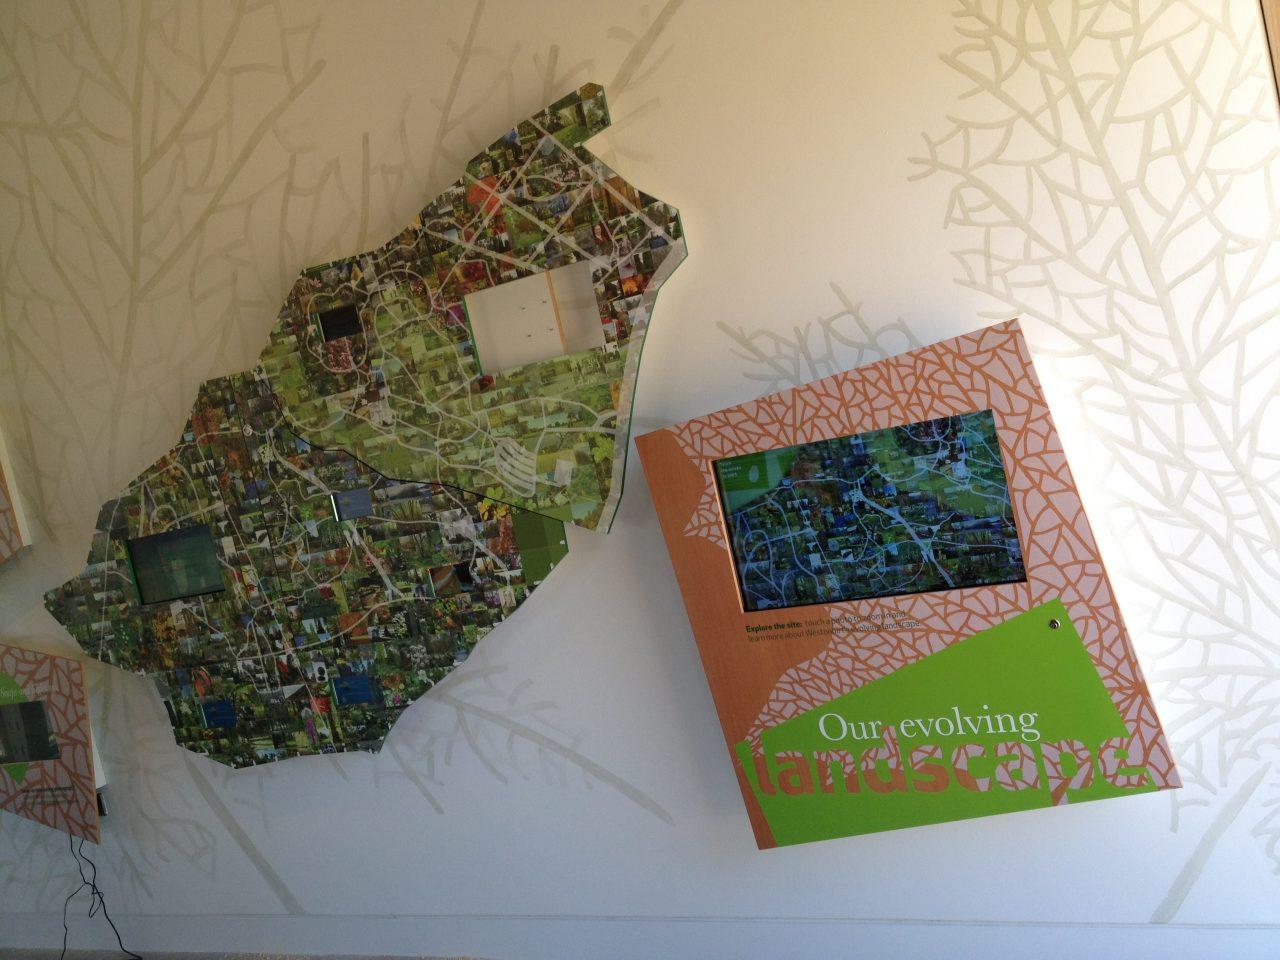 Westonbirt touchscreen mosaic